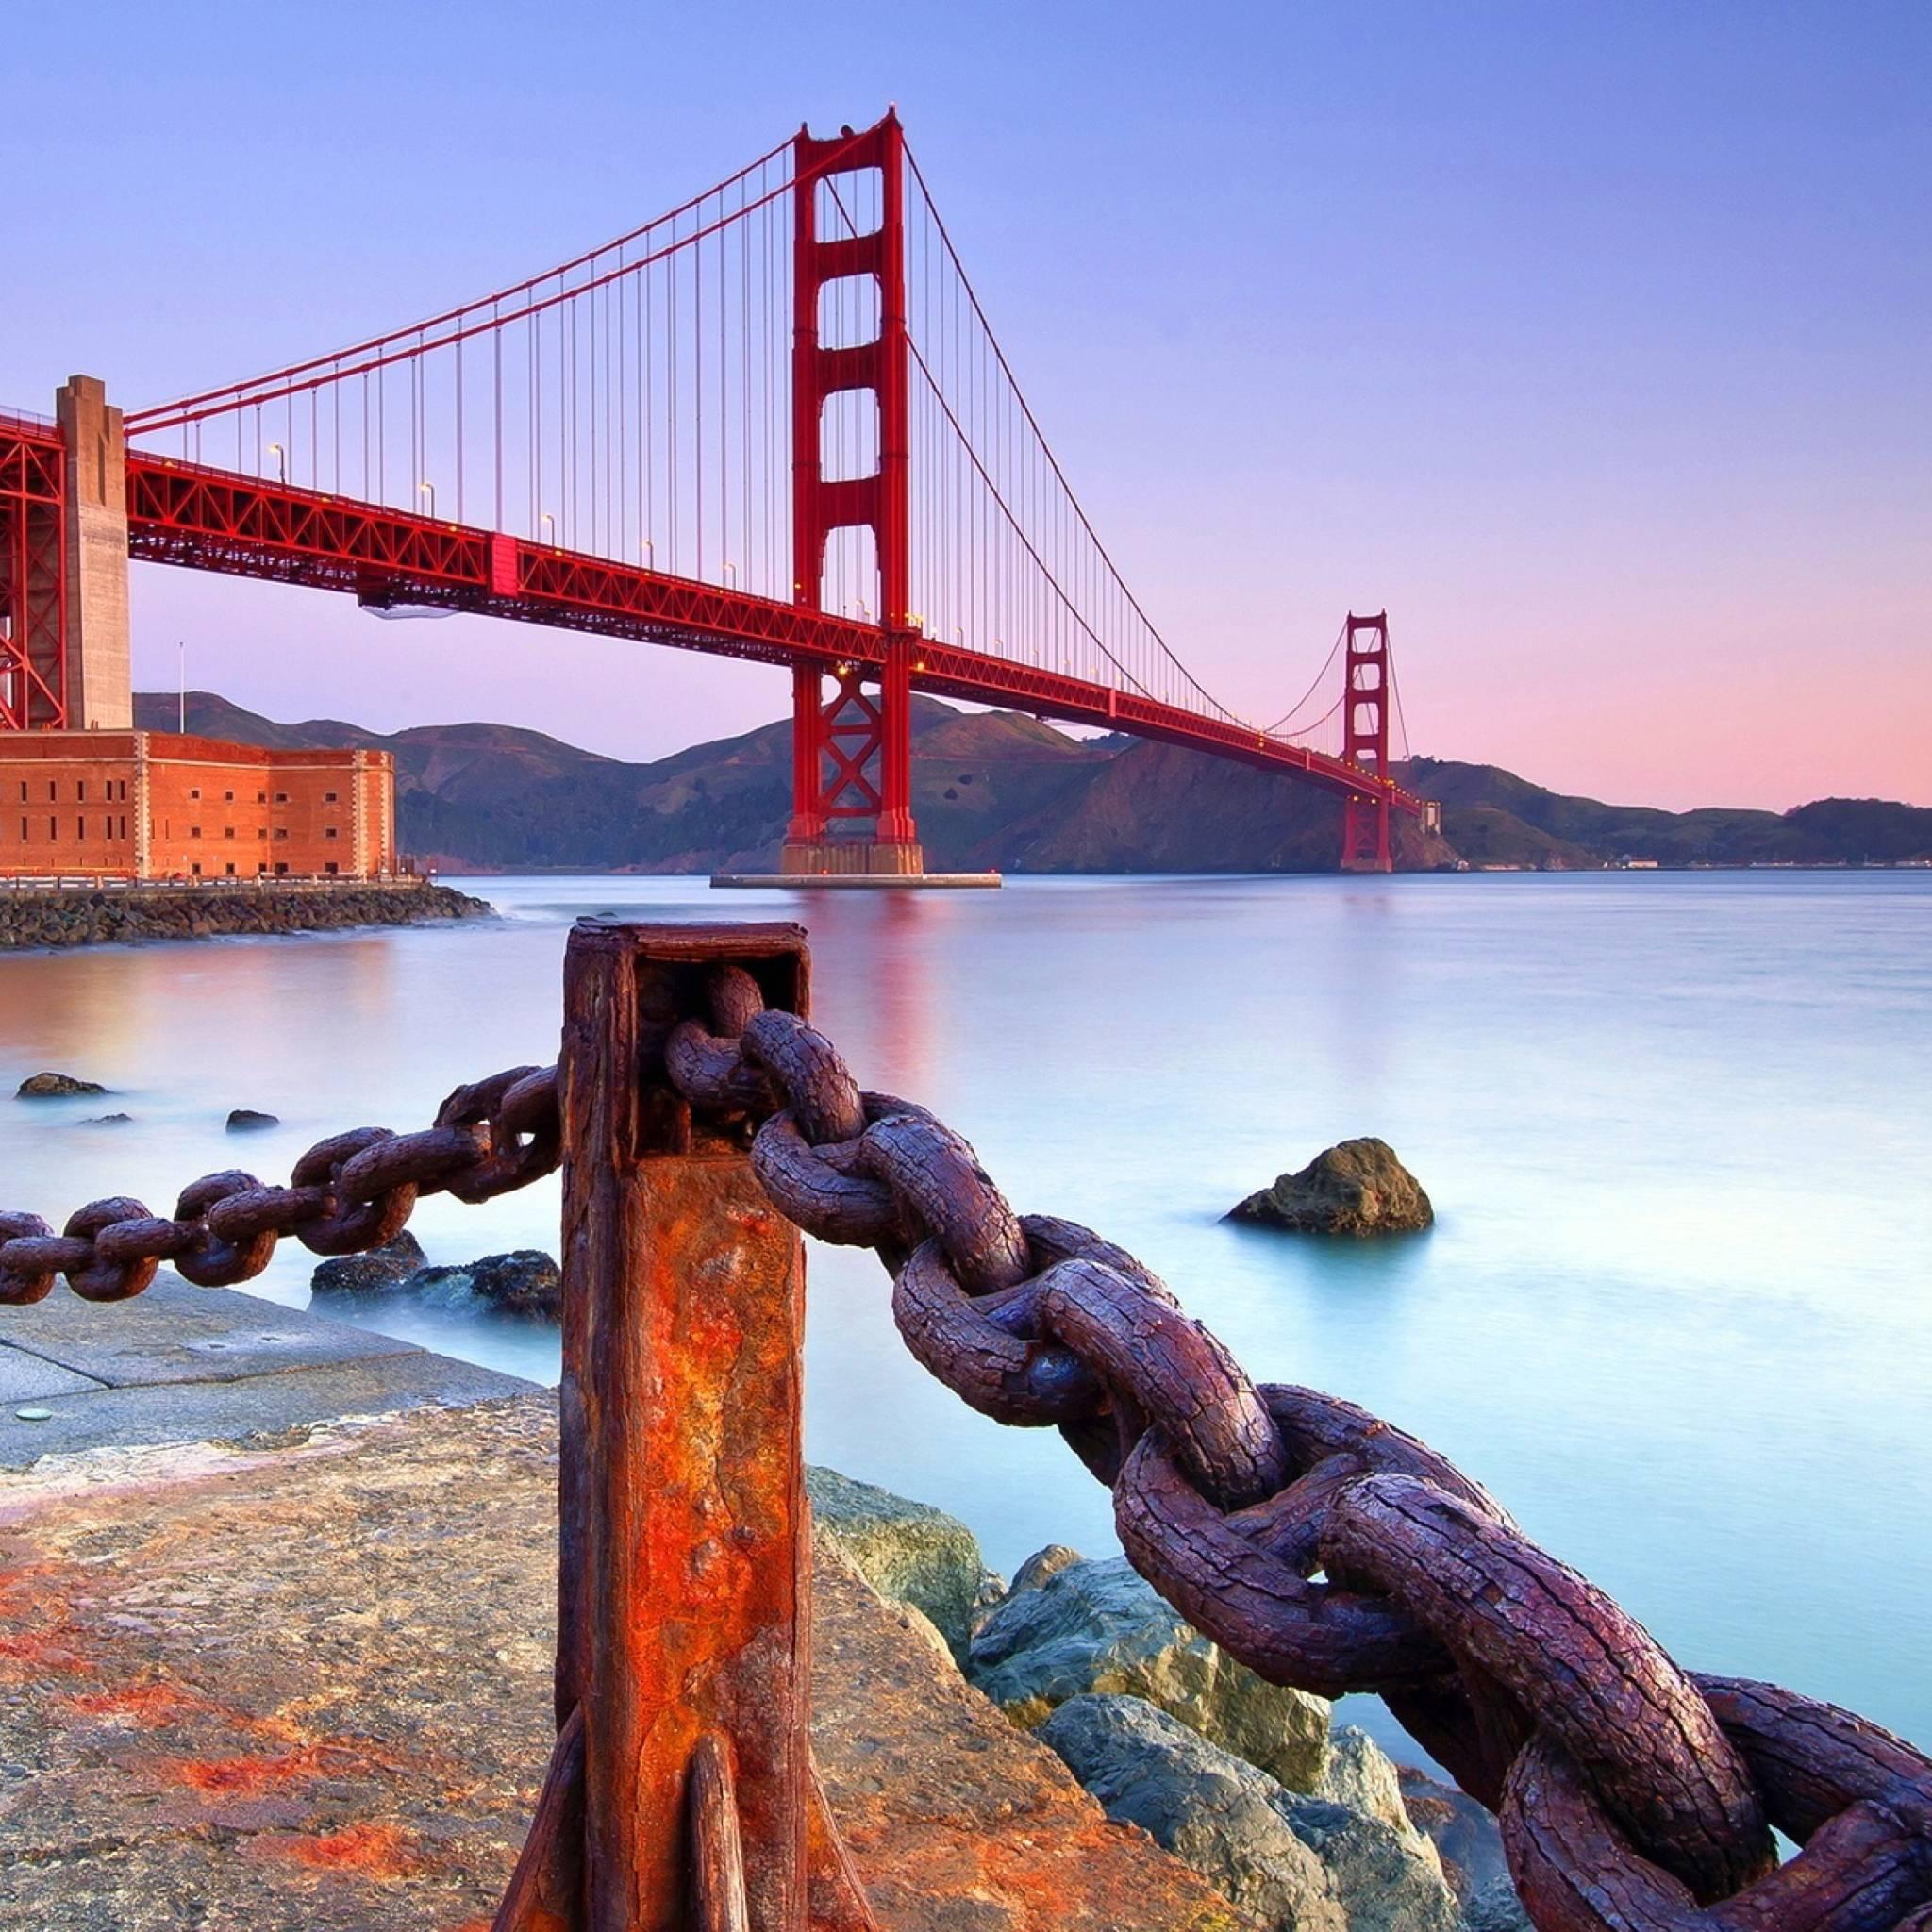 История моста золотые ворота и знакомство с достопримечательностью сан-франциско